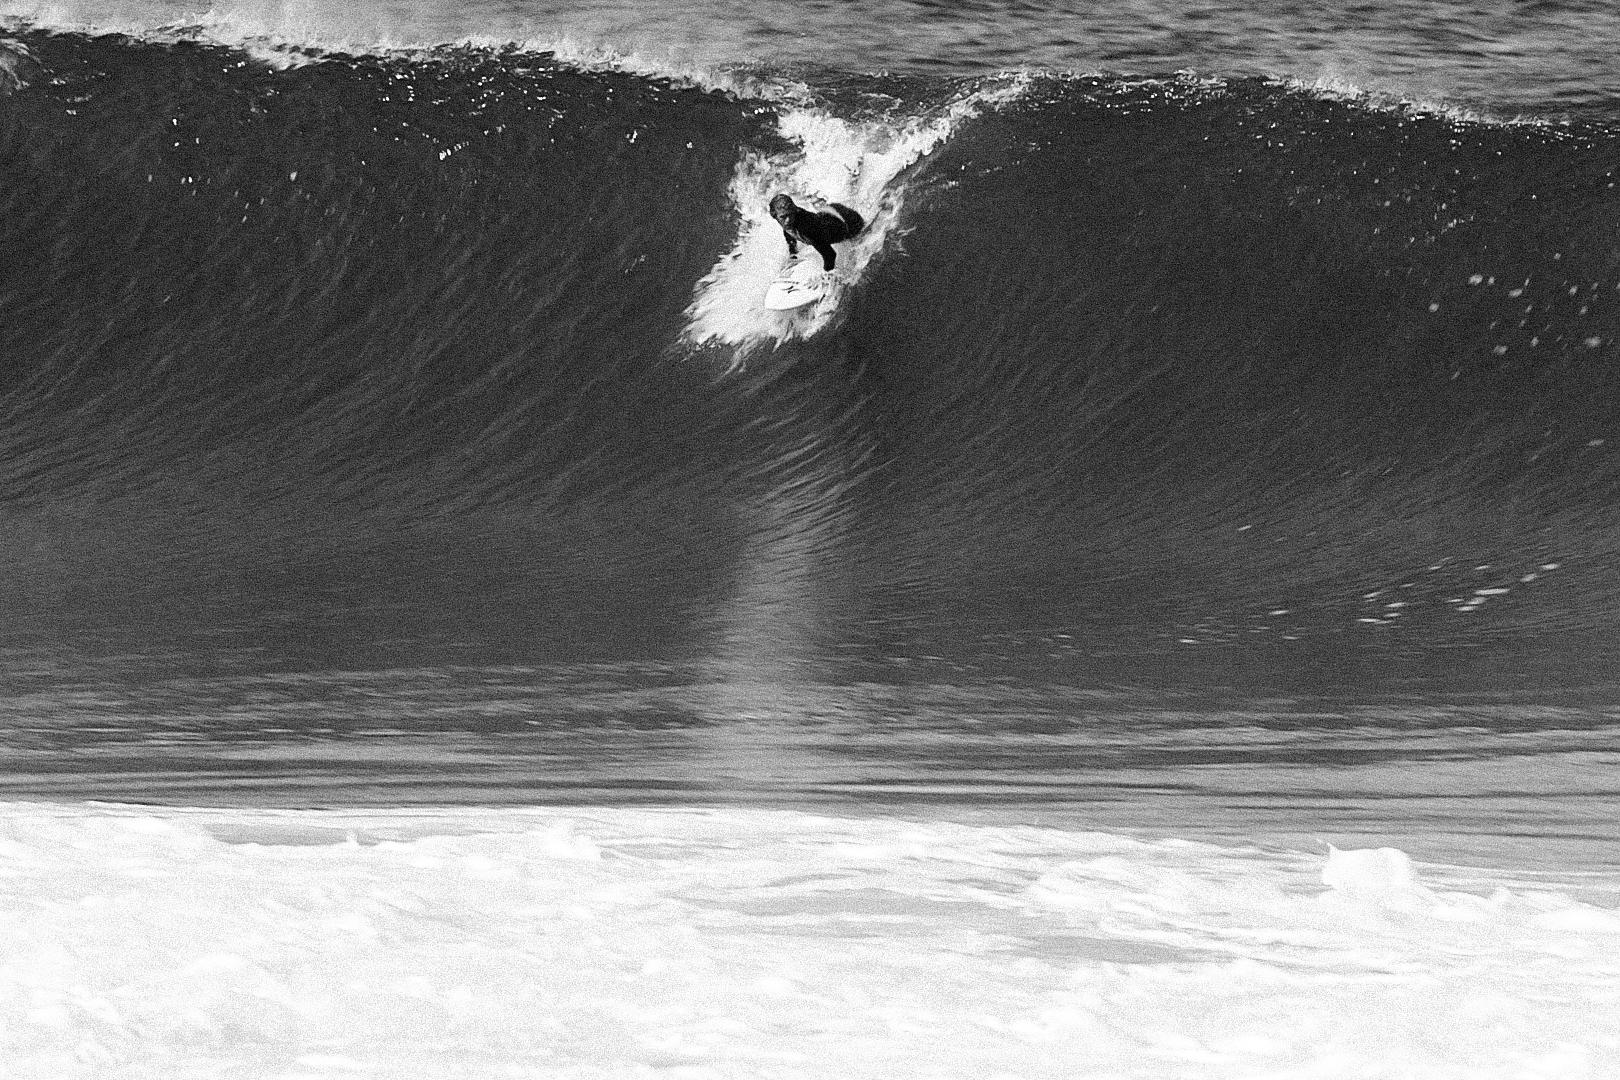 SURFERPOLL_2015_AKK_Stringer.00_01_18_18.Still001.jpg